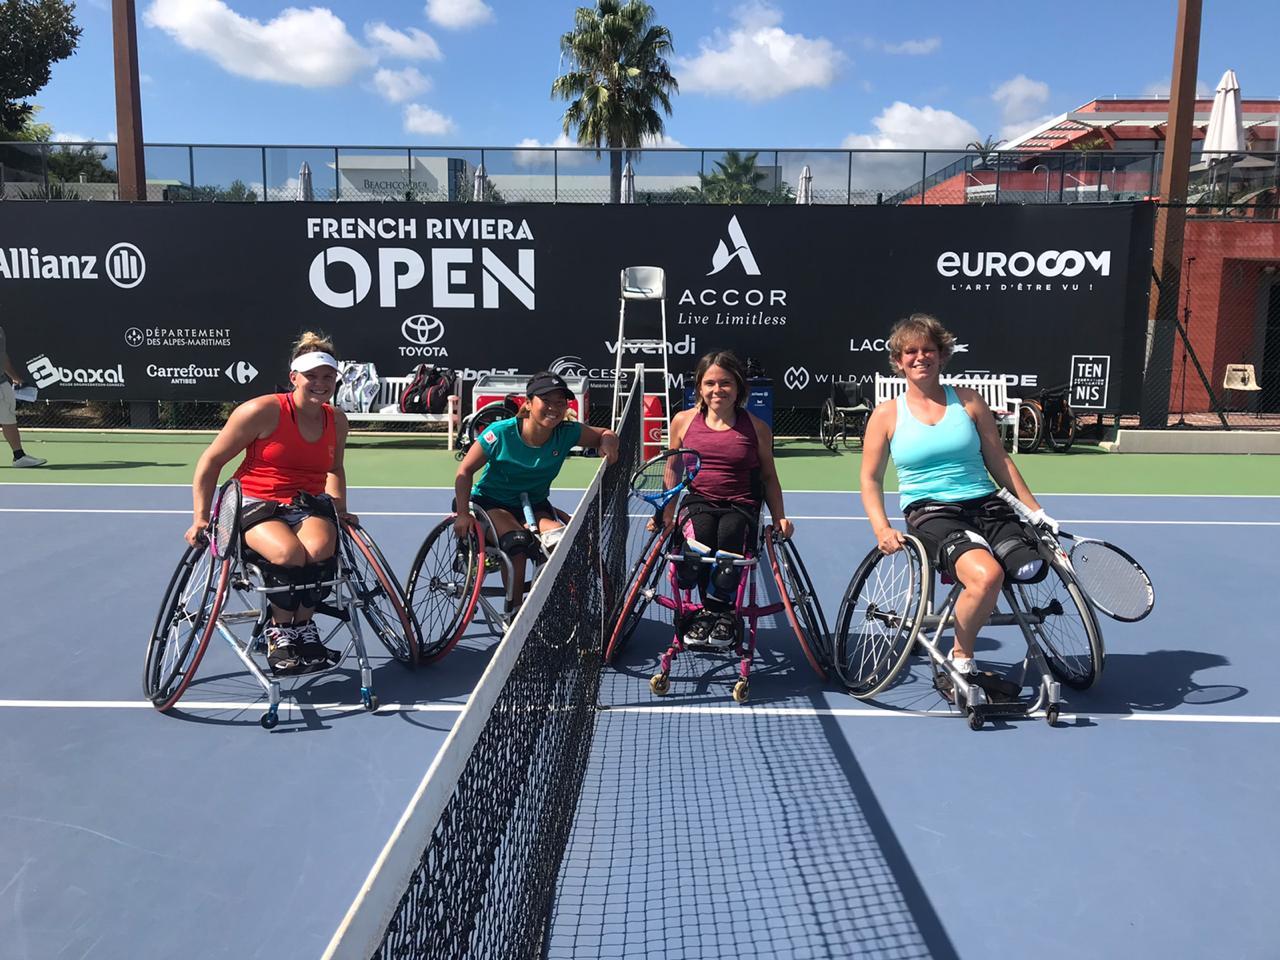 Полина Шакирова стала бронзовым призером в парном разряде на международном турнире по теннису на колясках «French Riviera Open»